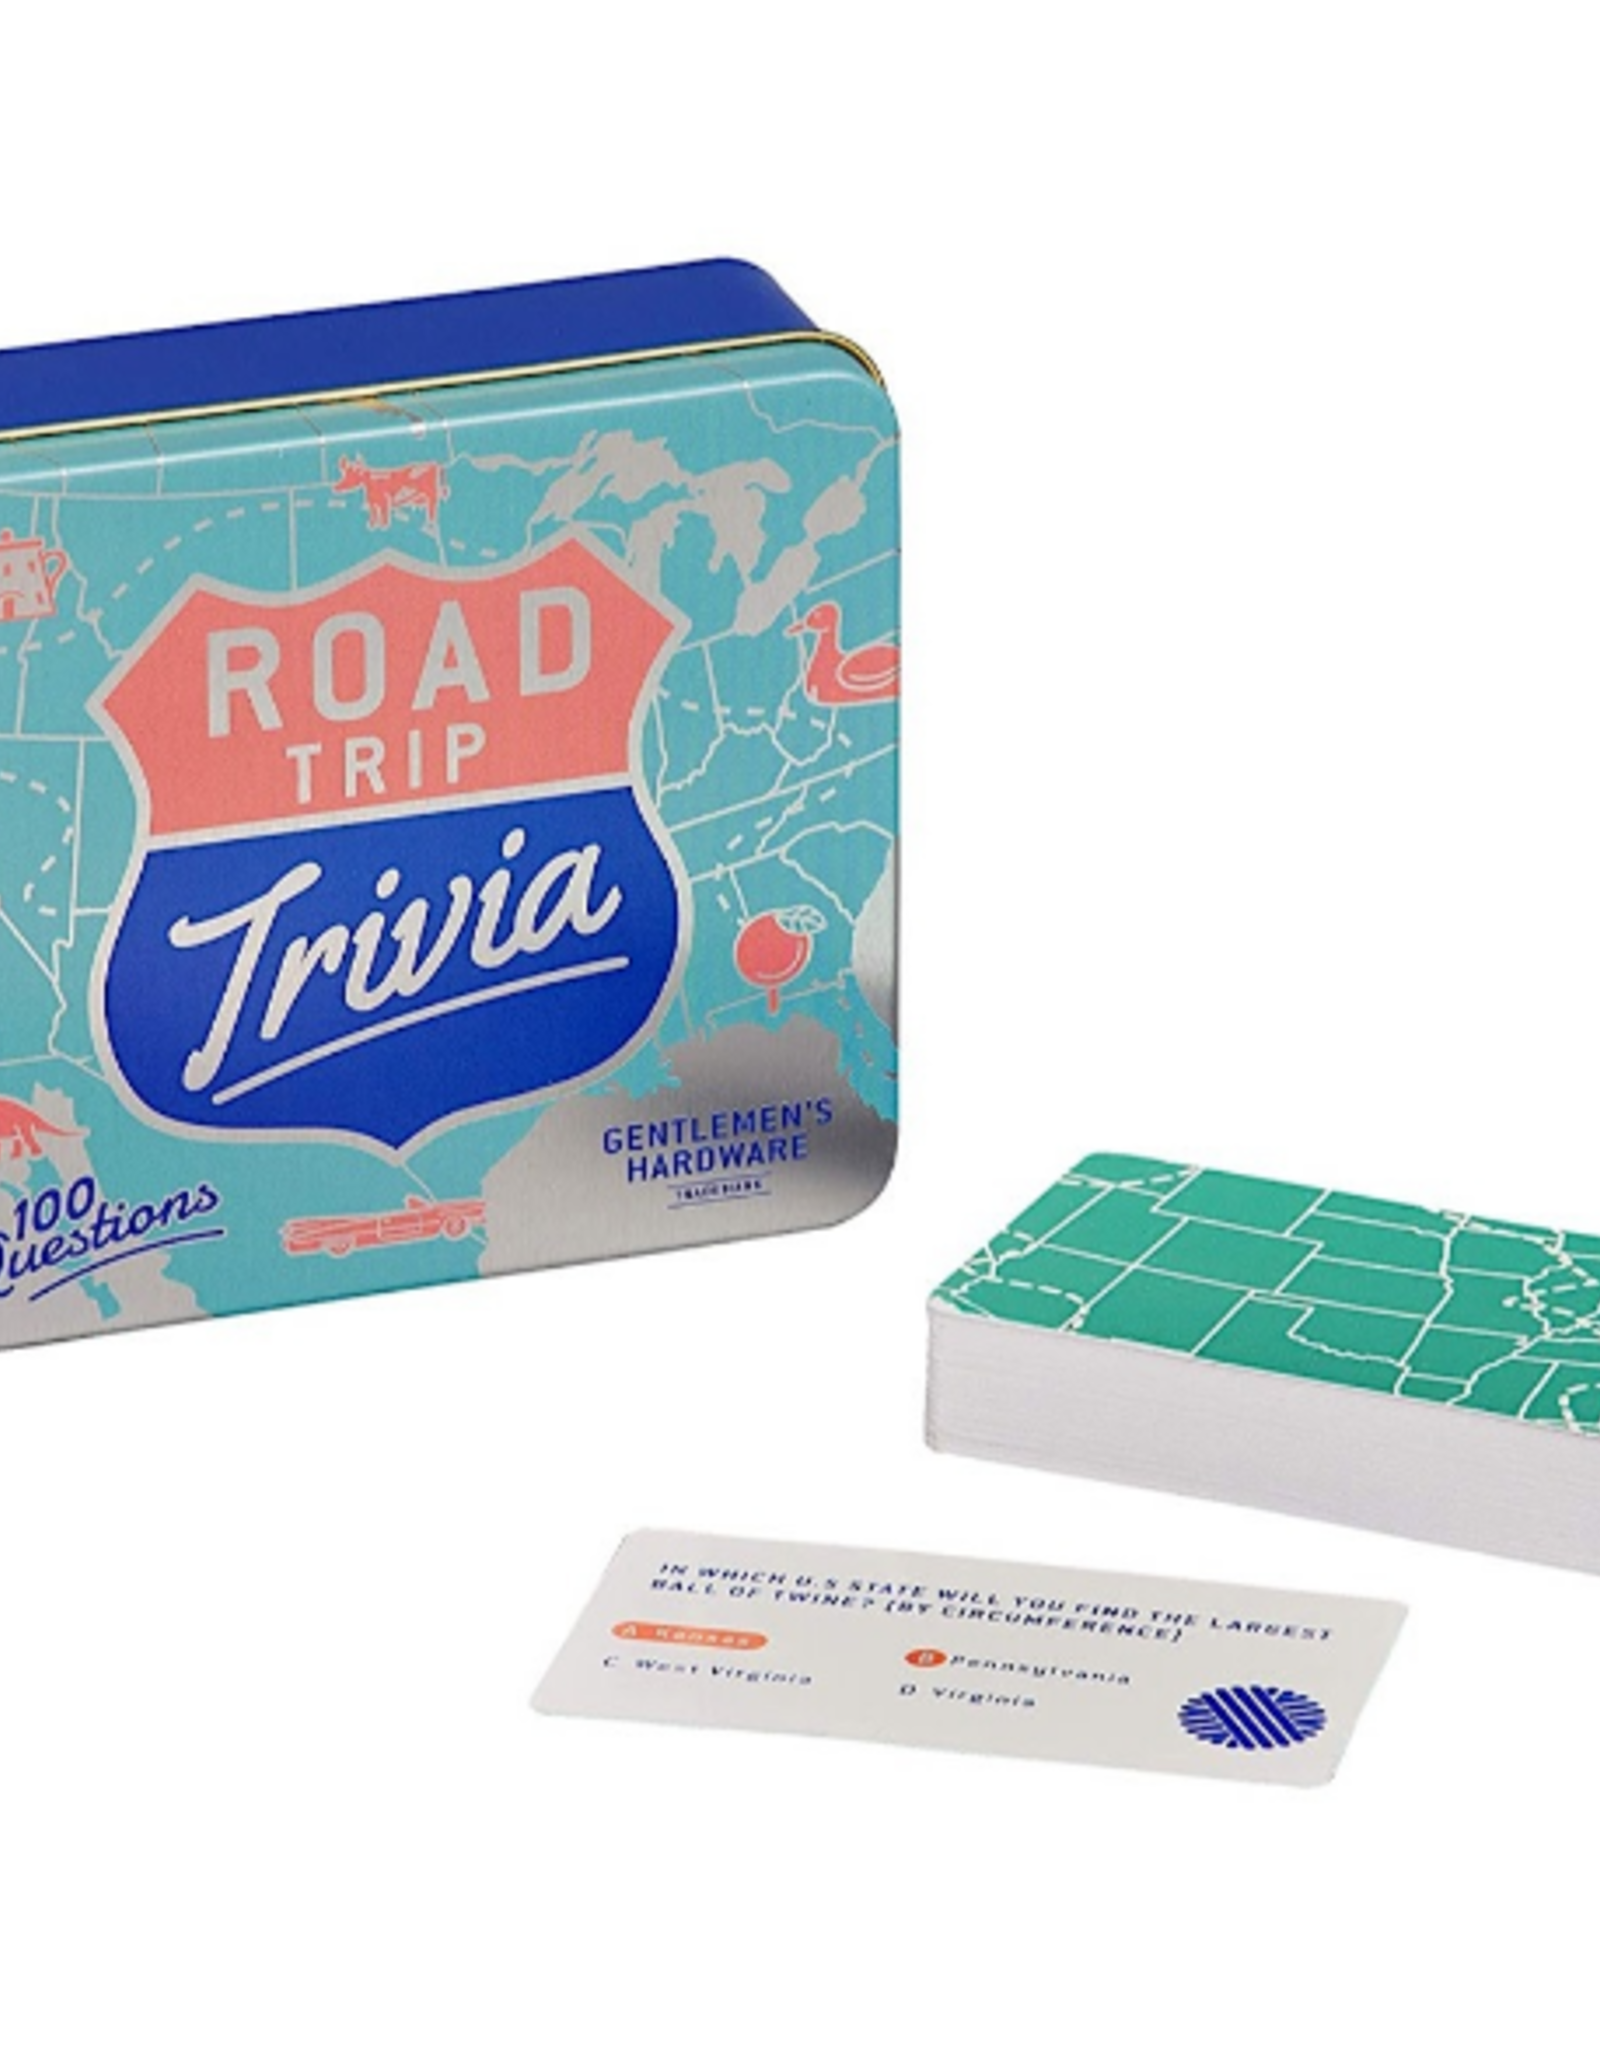 GAME USA ROAD TRIP TRIVIA